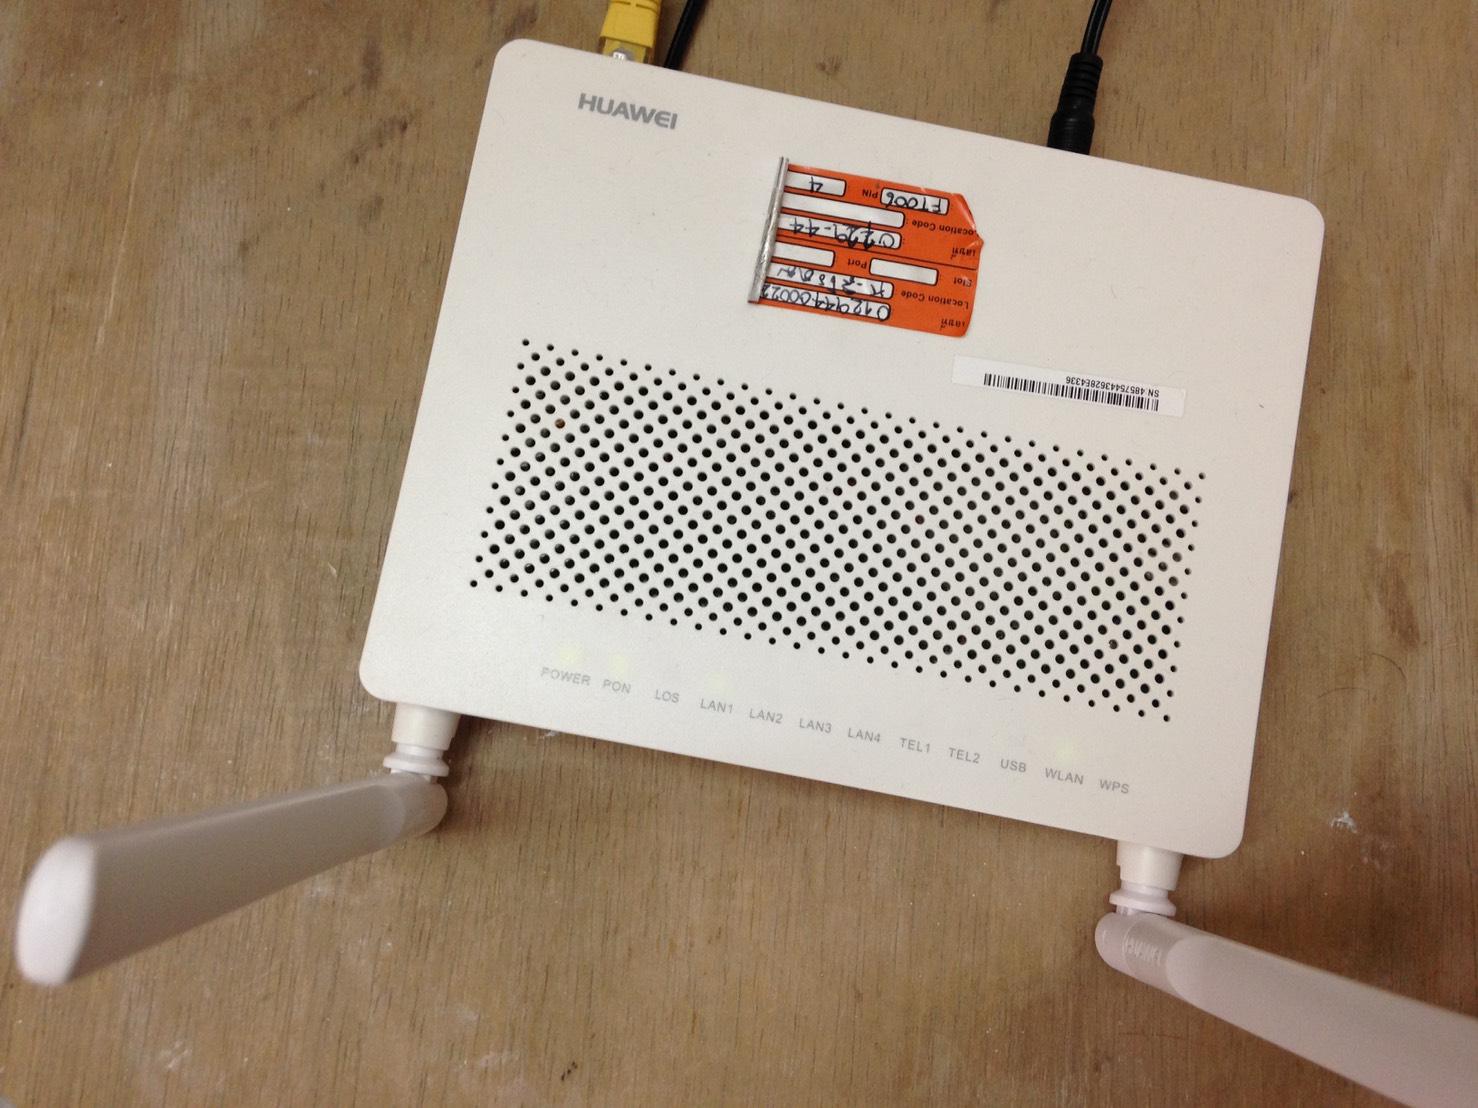 ตอนนี้ 3bb Fttx 100 10 ปัจจุบันอินเตอร์เน็ตช้าและไม่สเถียร